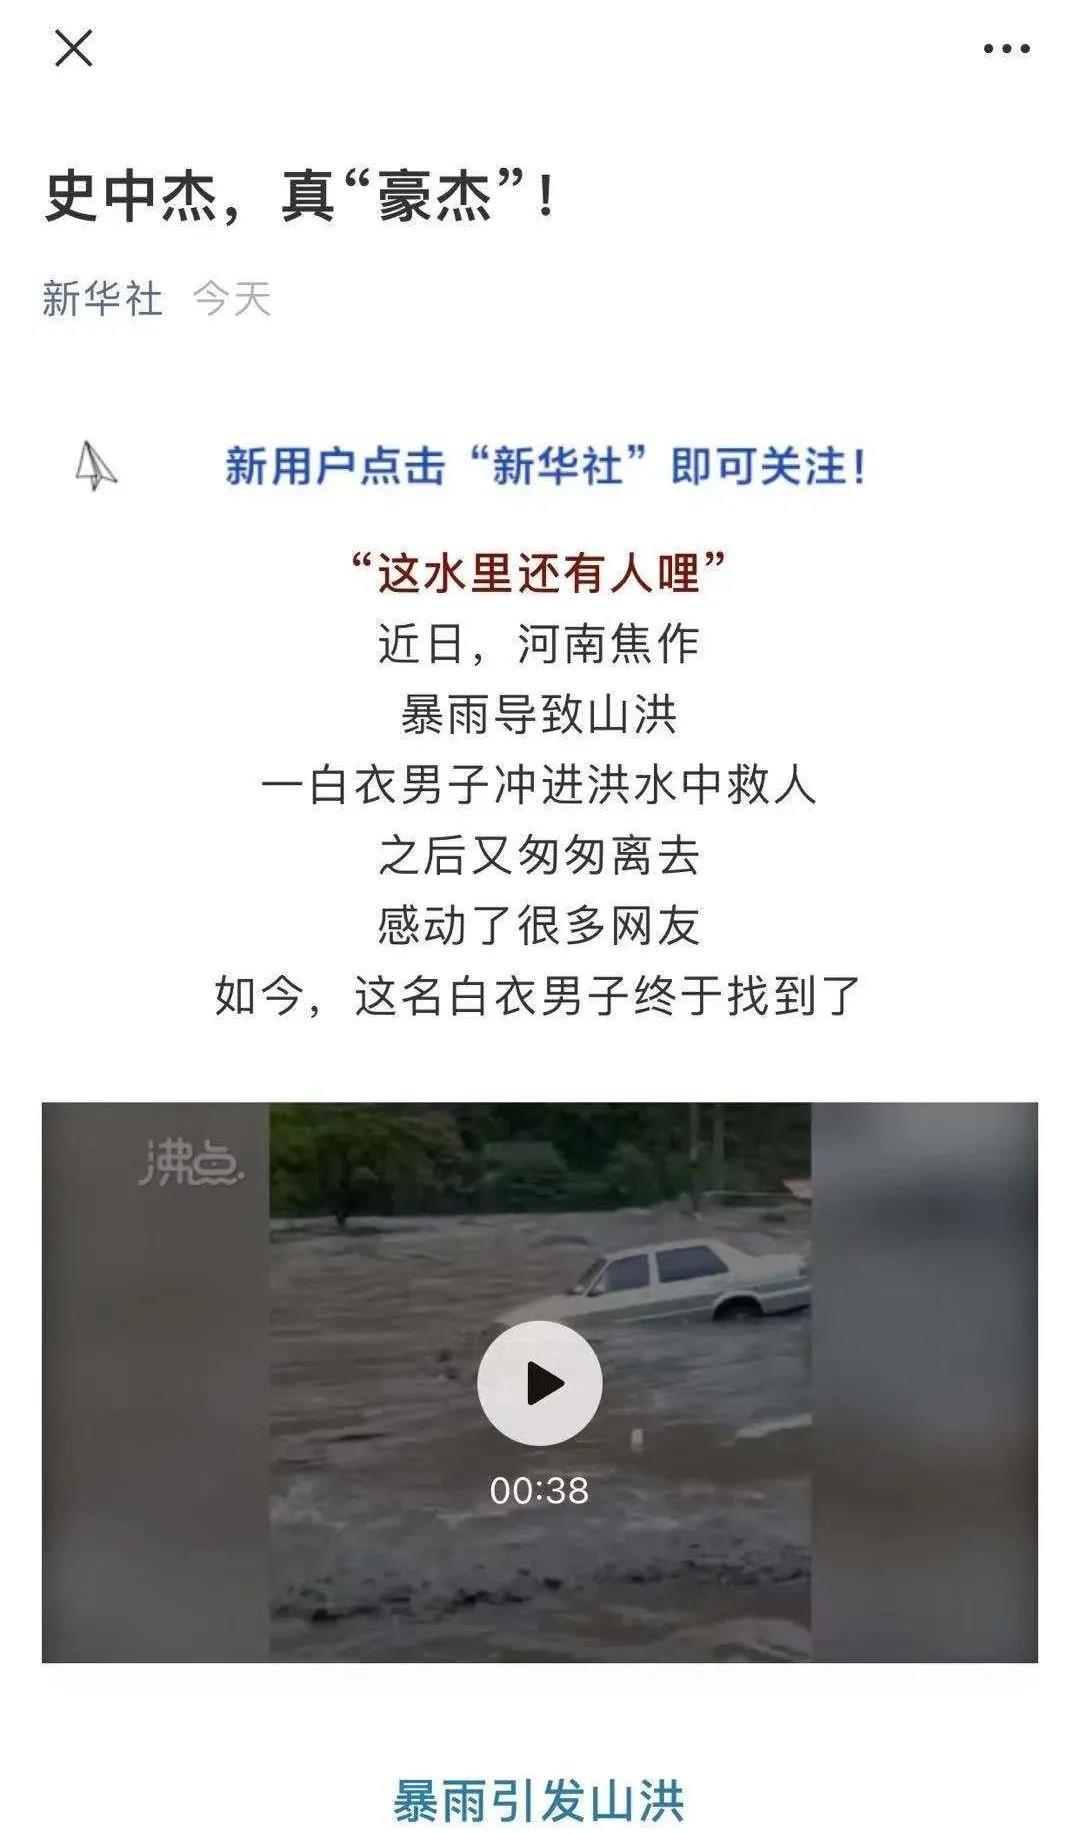 洪水中救人的白衣男子,找到了!沁阳史中杰:救人真值,不后悔